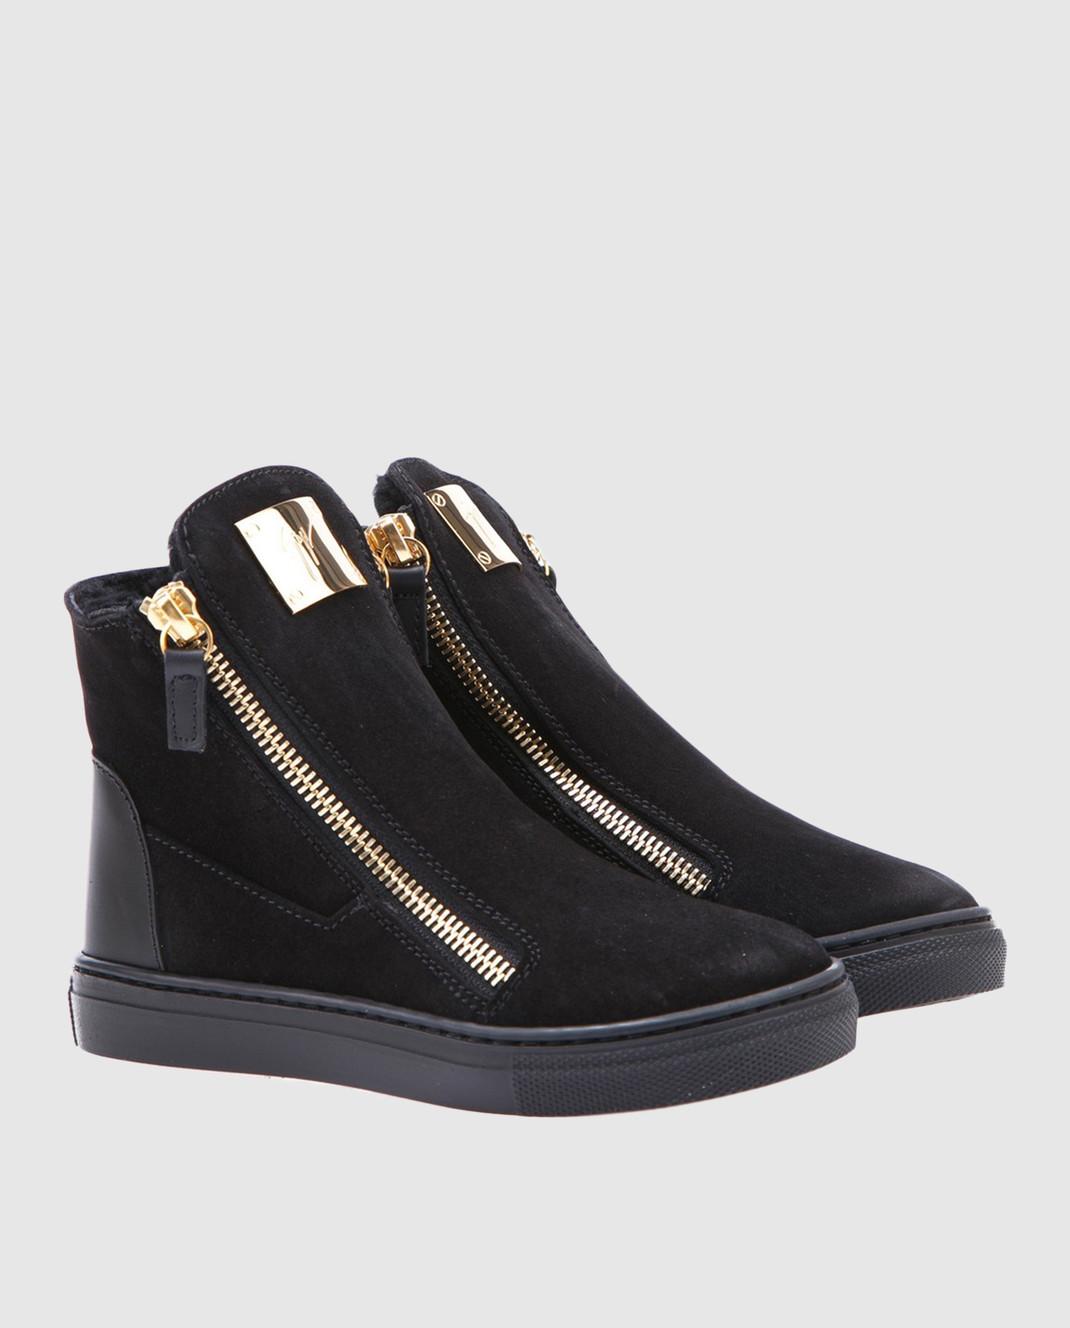 Giuseppe Zanotti Черные замшевые ботинки SBI7402002 изображение 2